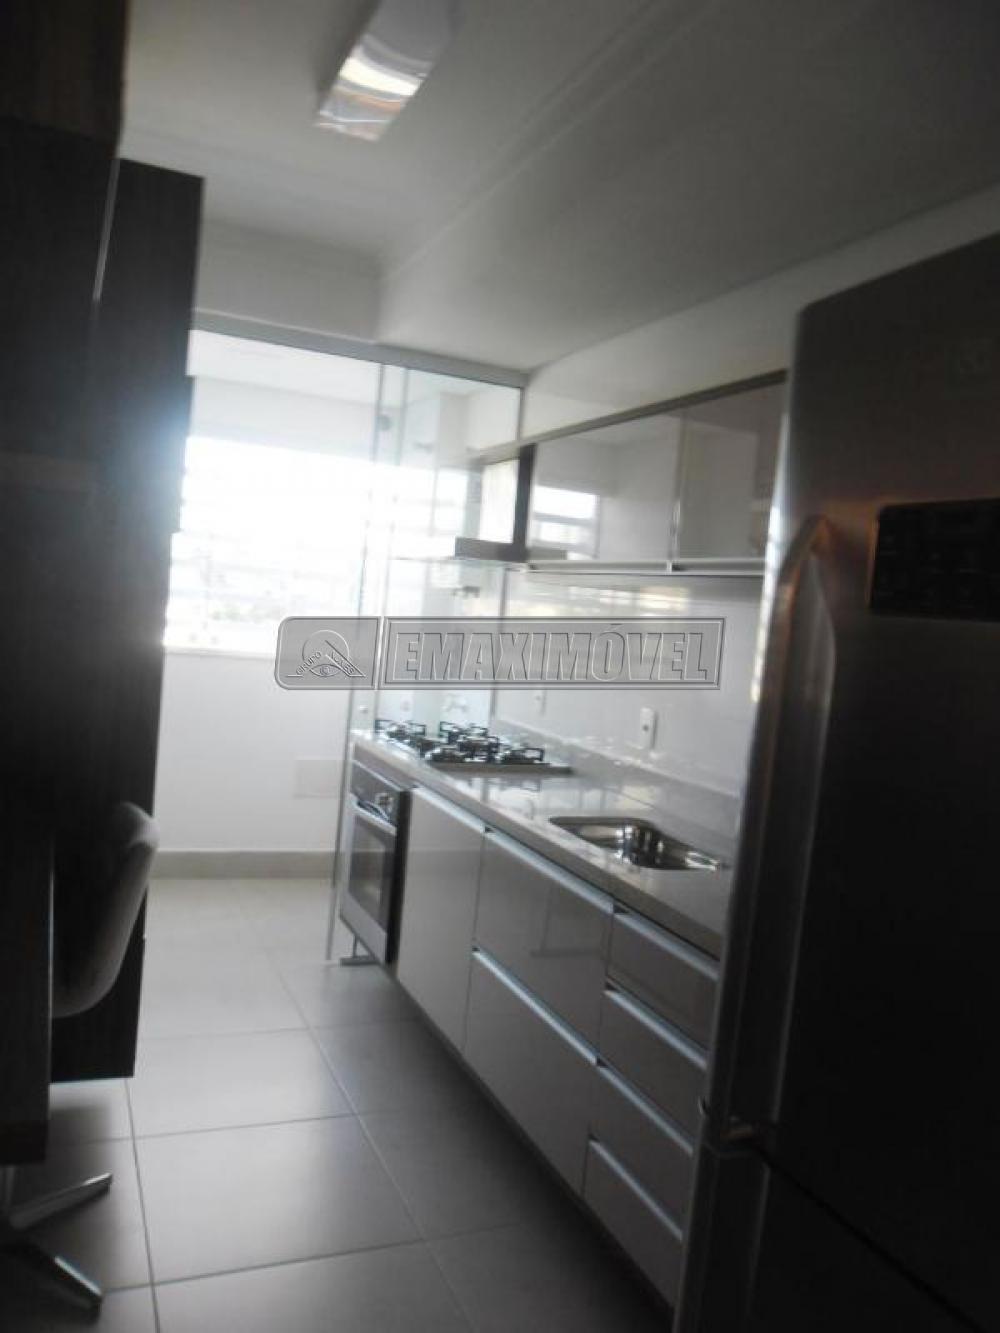 Comprar Apartamentos / Apto Padrão em Sorocaba apenas R$ 460.000,00 - Foto 10